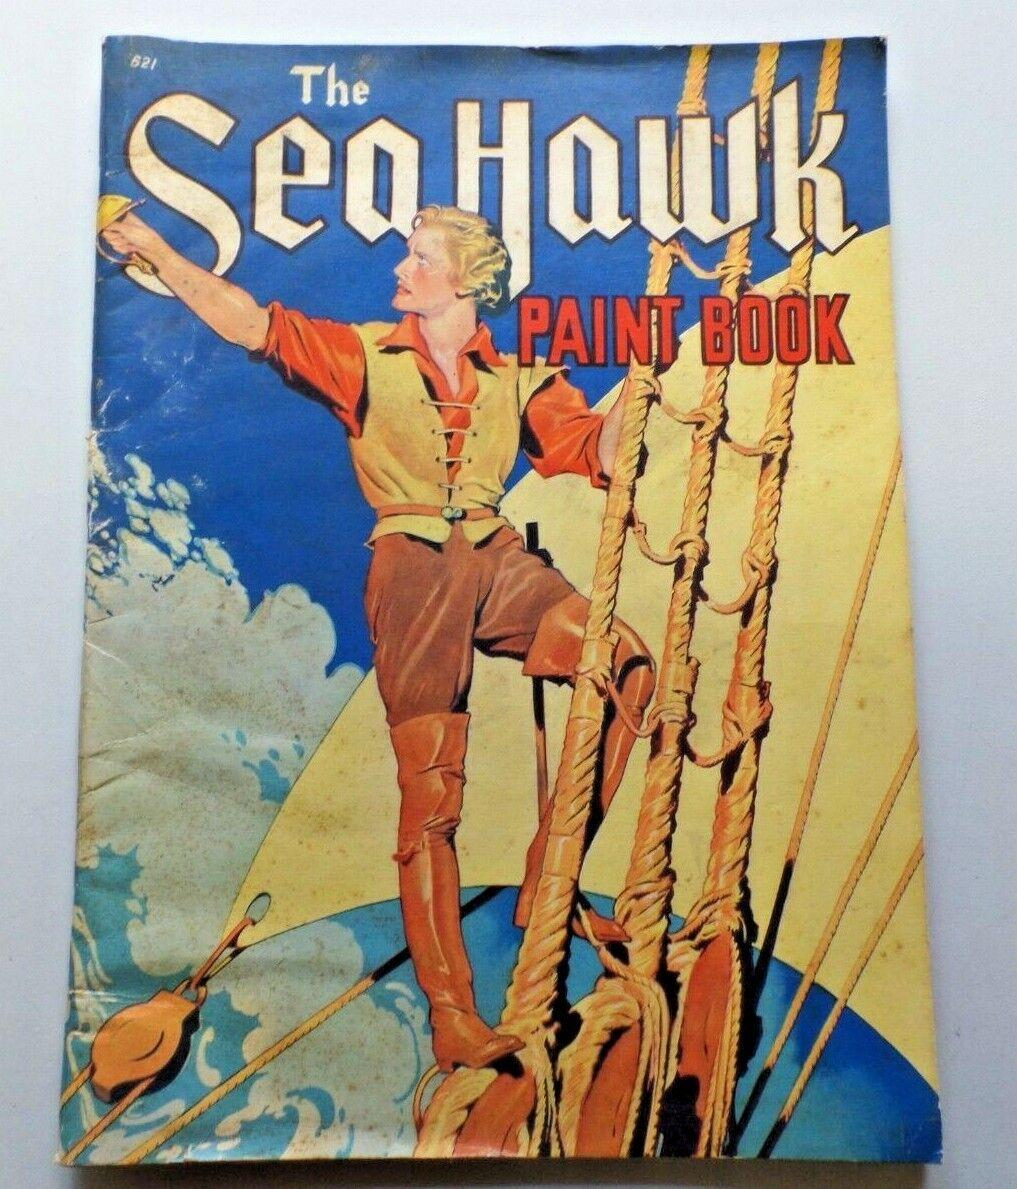 De Colección el Sea Hawk Pintura Libro 1940 Whitman Errol Flynn sin usar imagen de Warner Bros.